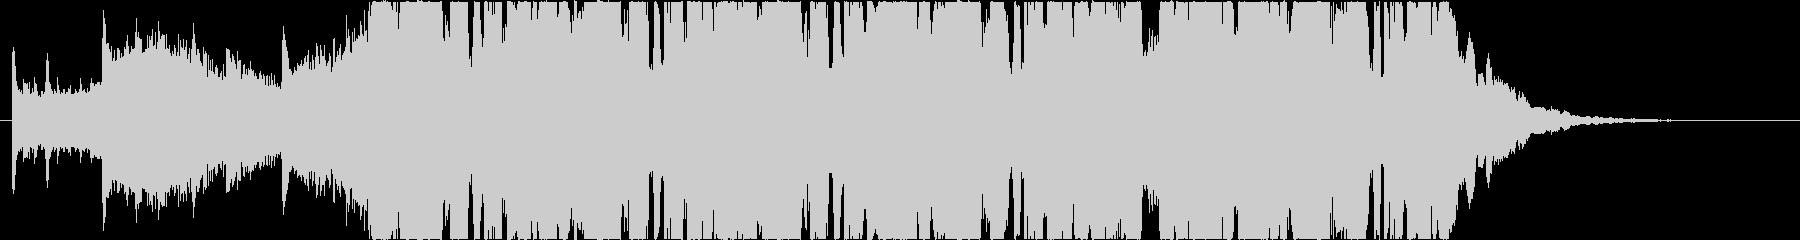 無機質でクールな30秒BGMの未再生の波形